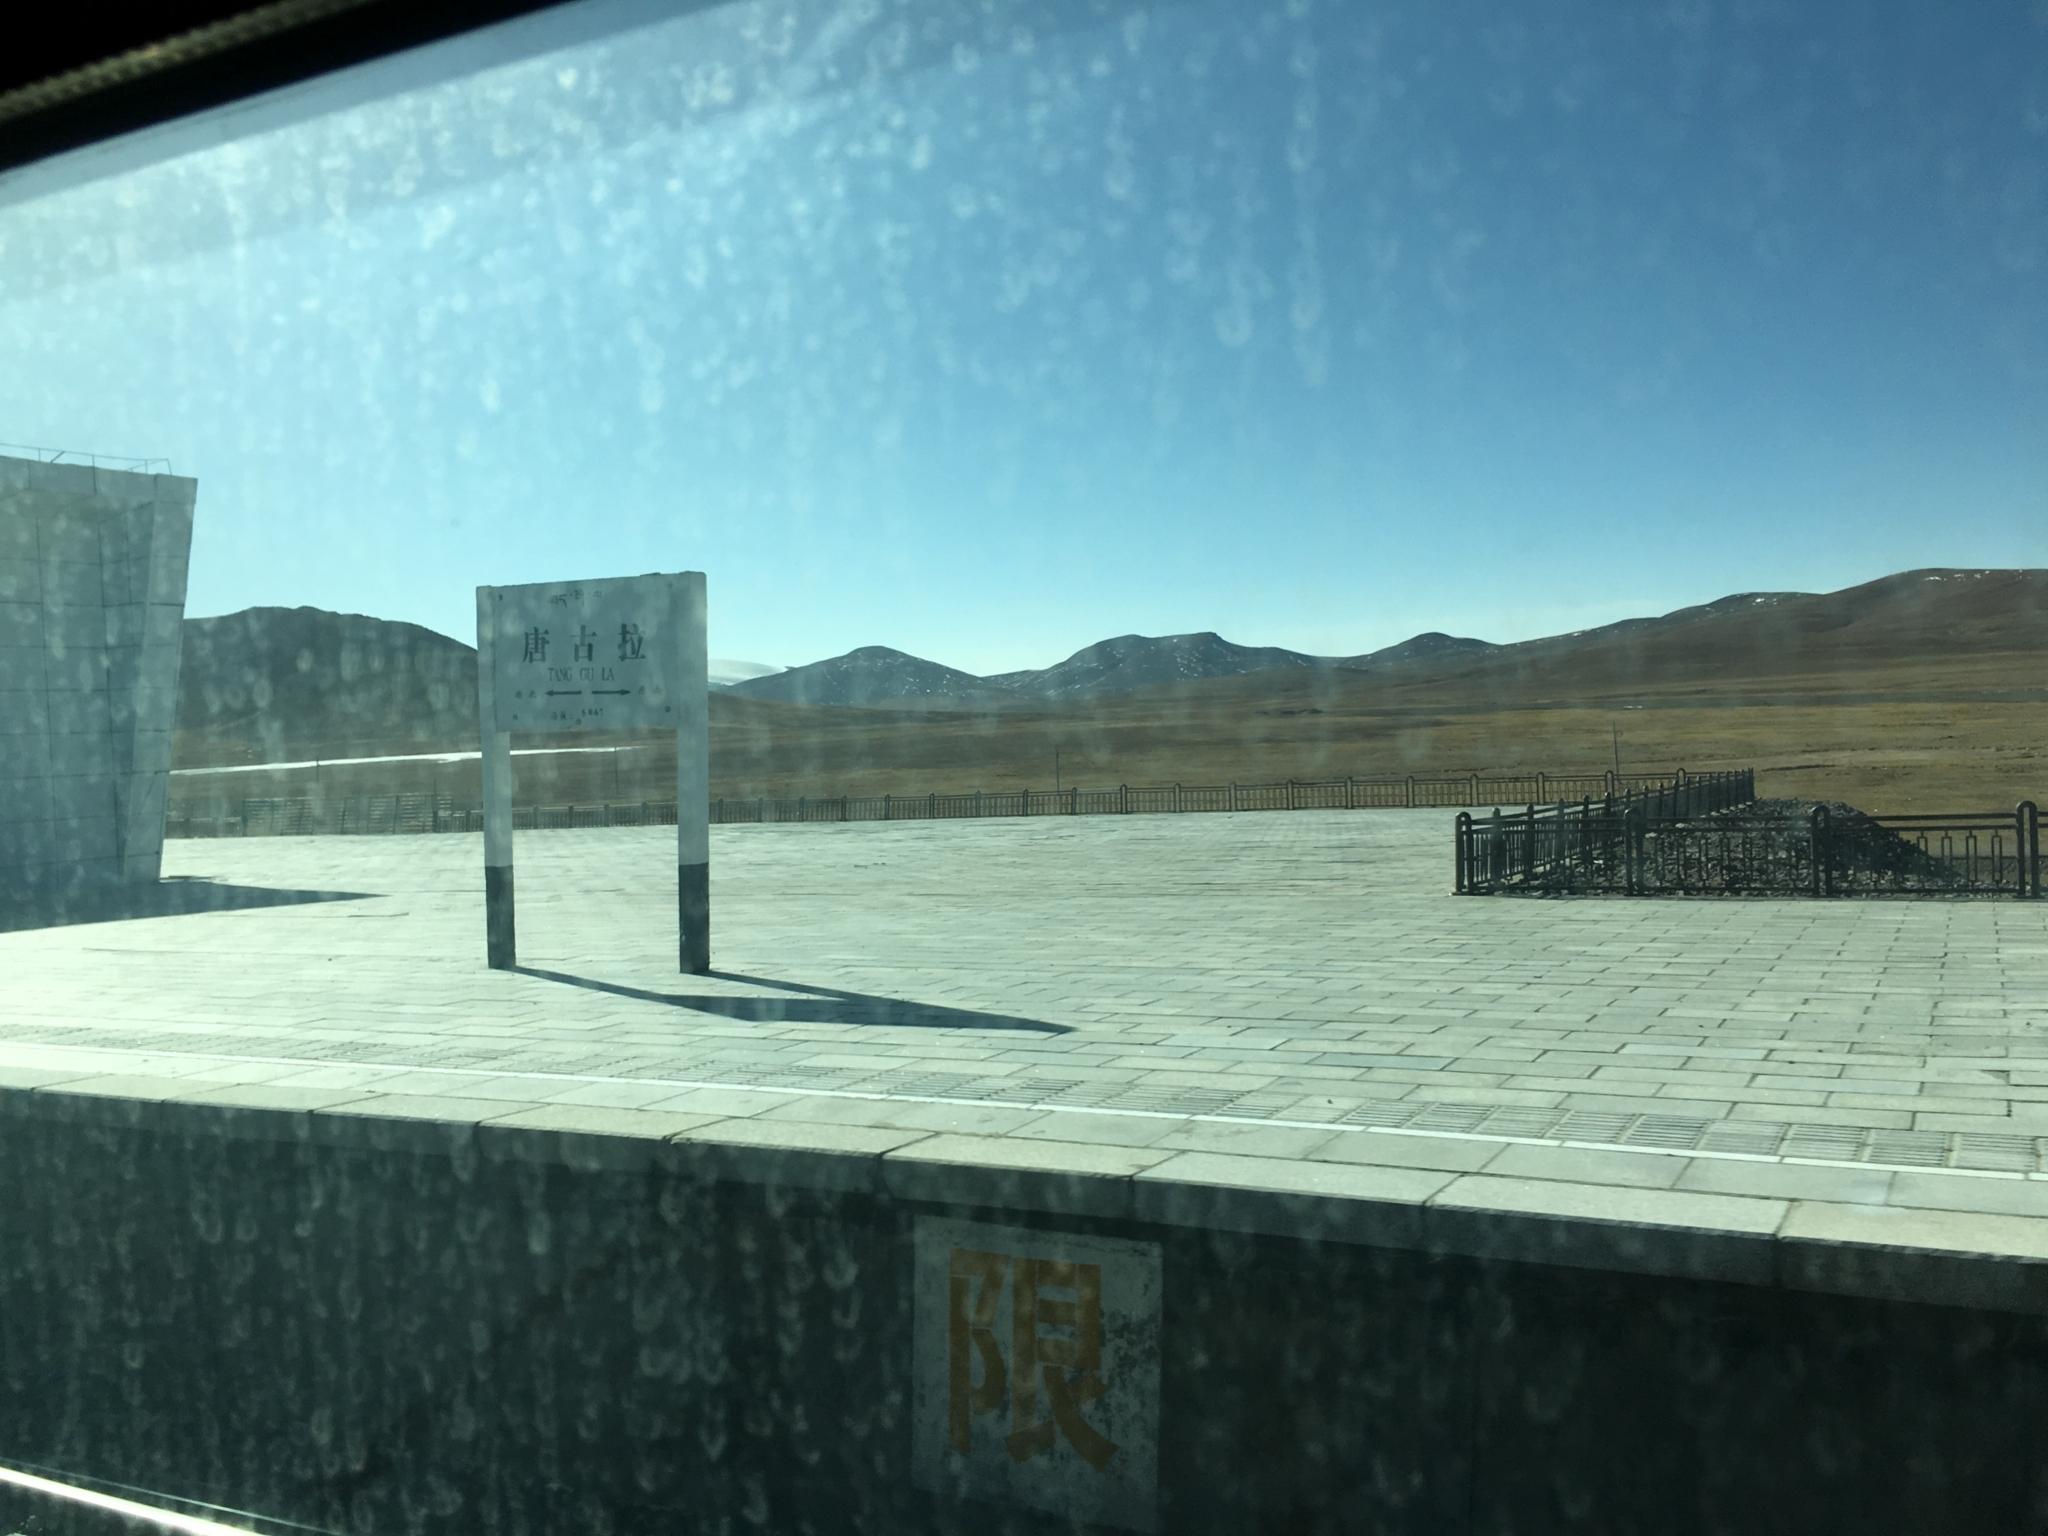 青蔵鉄道の車窓から(世界一高い鉄道)